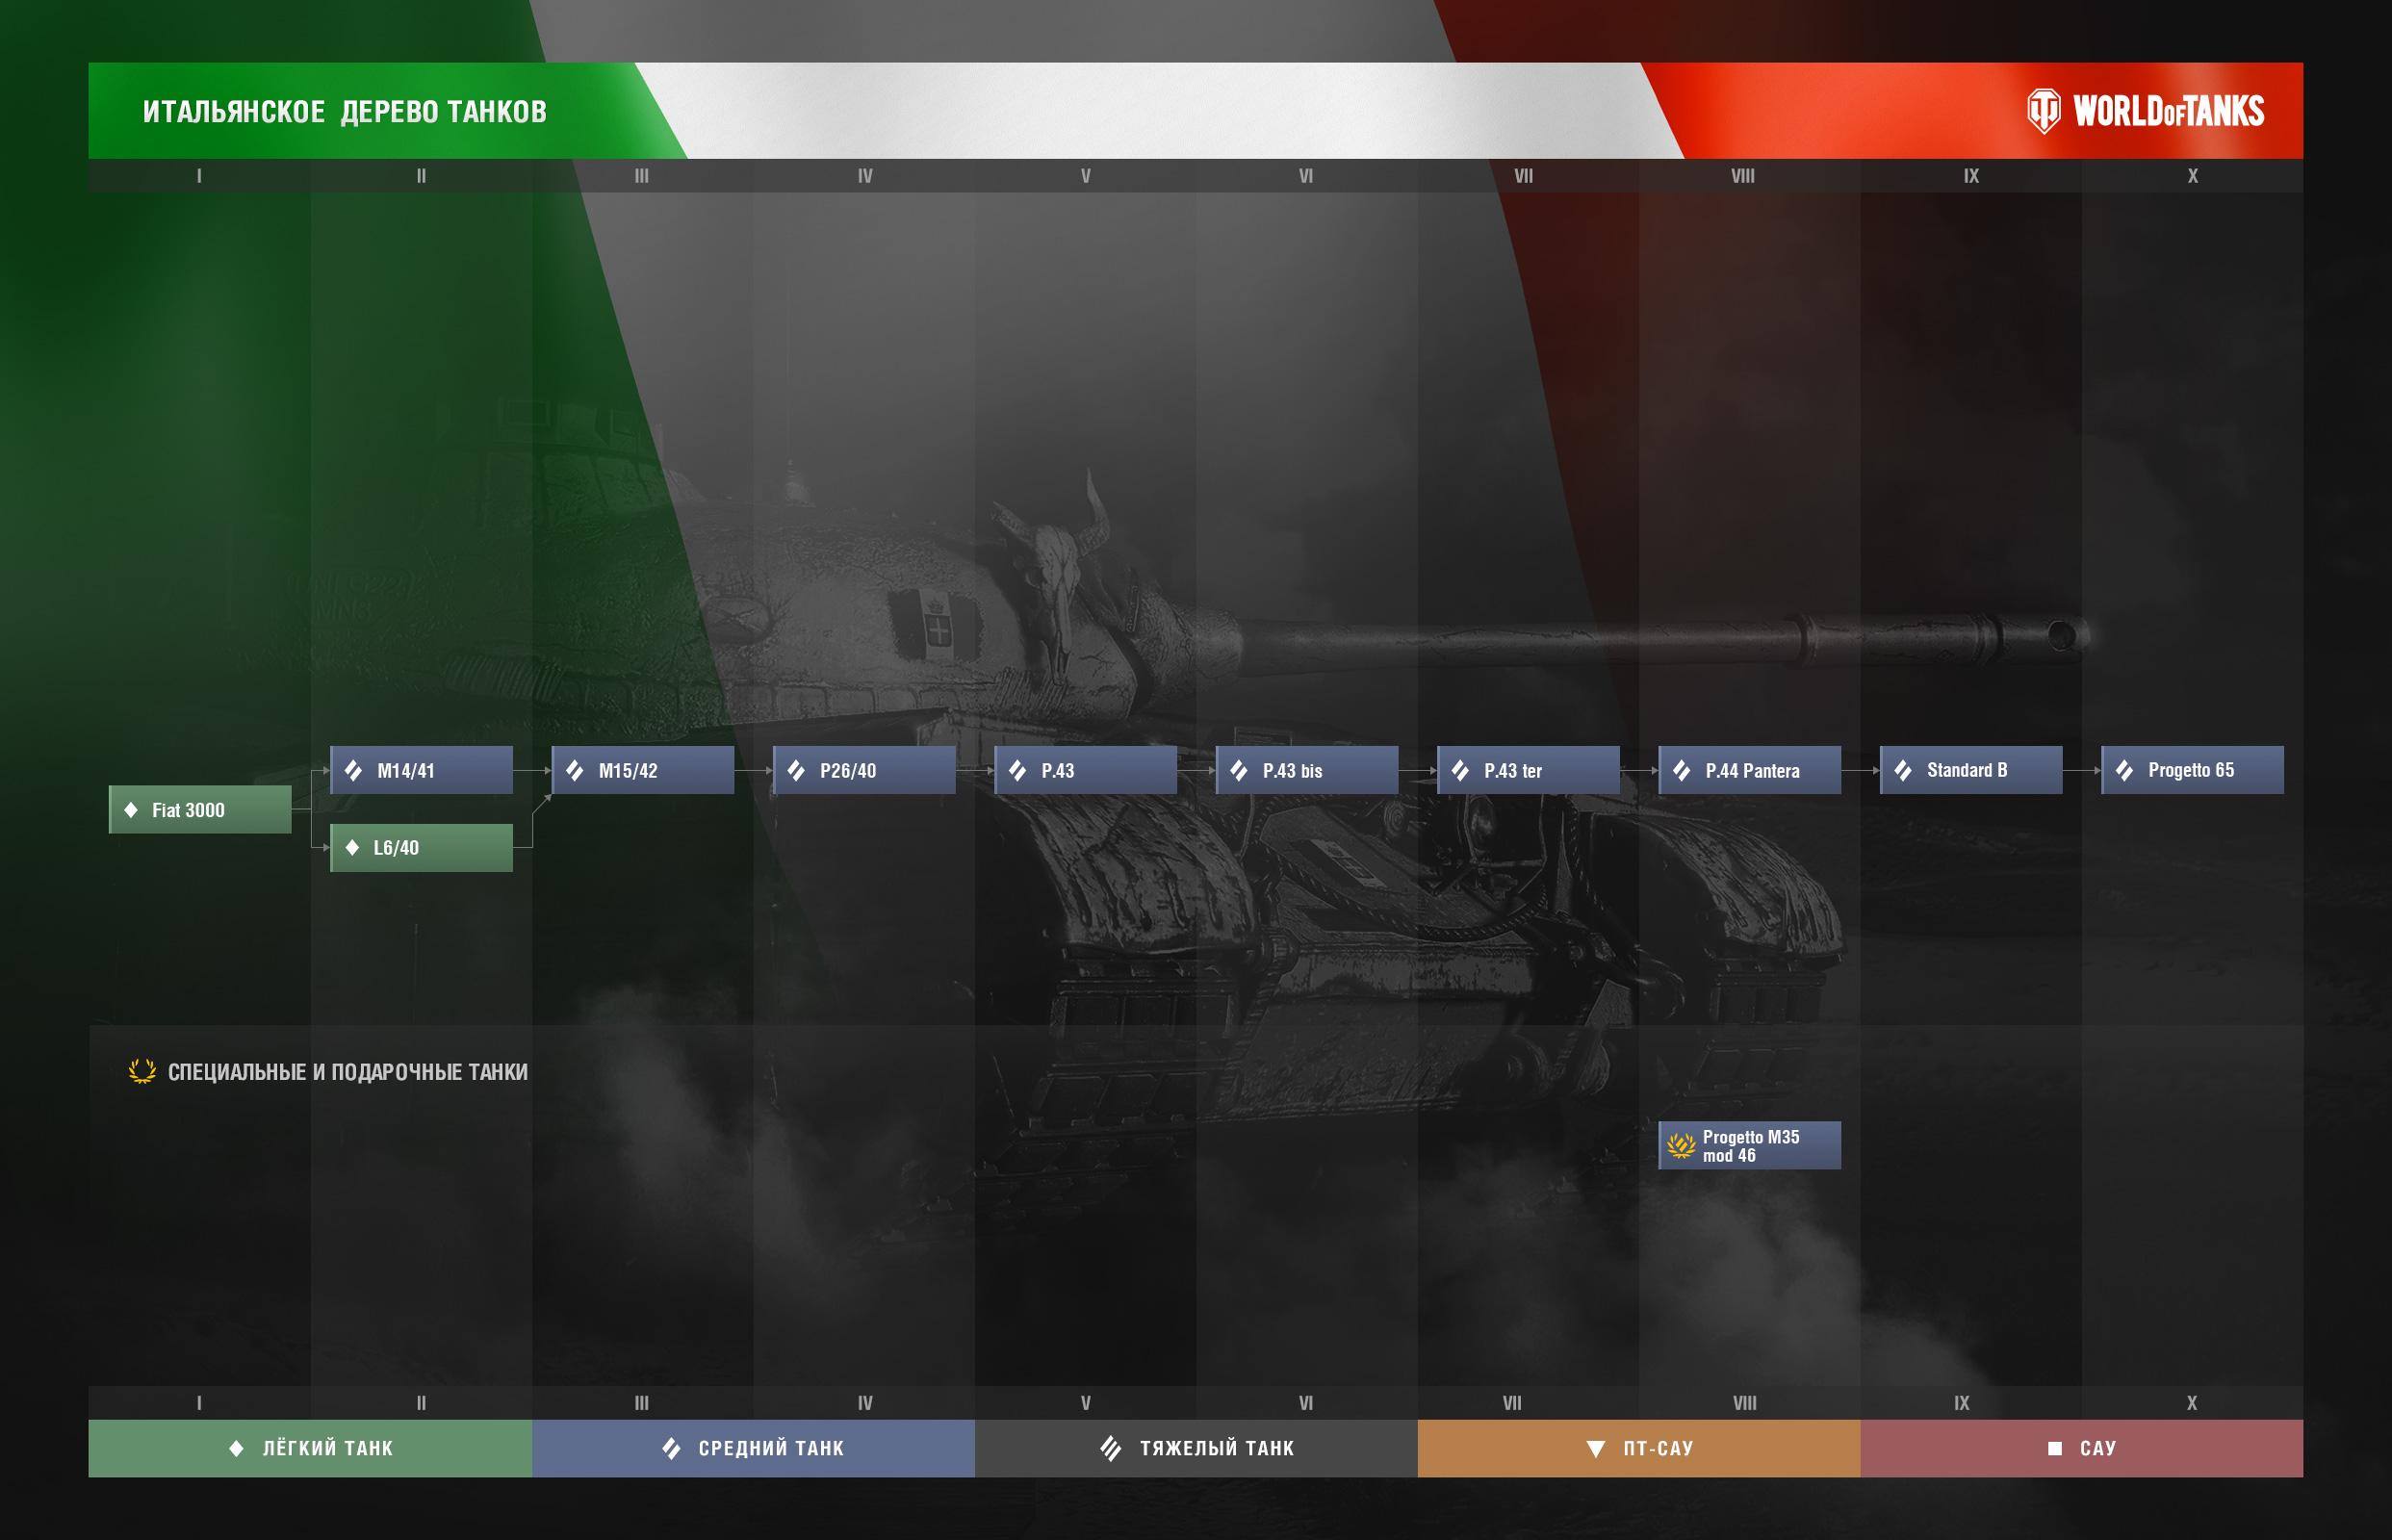 итальянская ветка танков в world of tanks